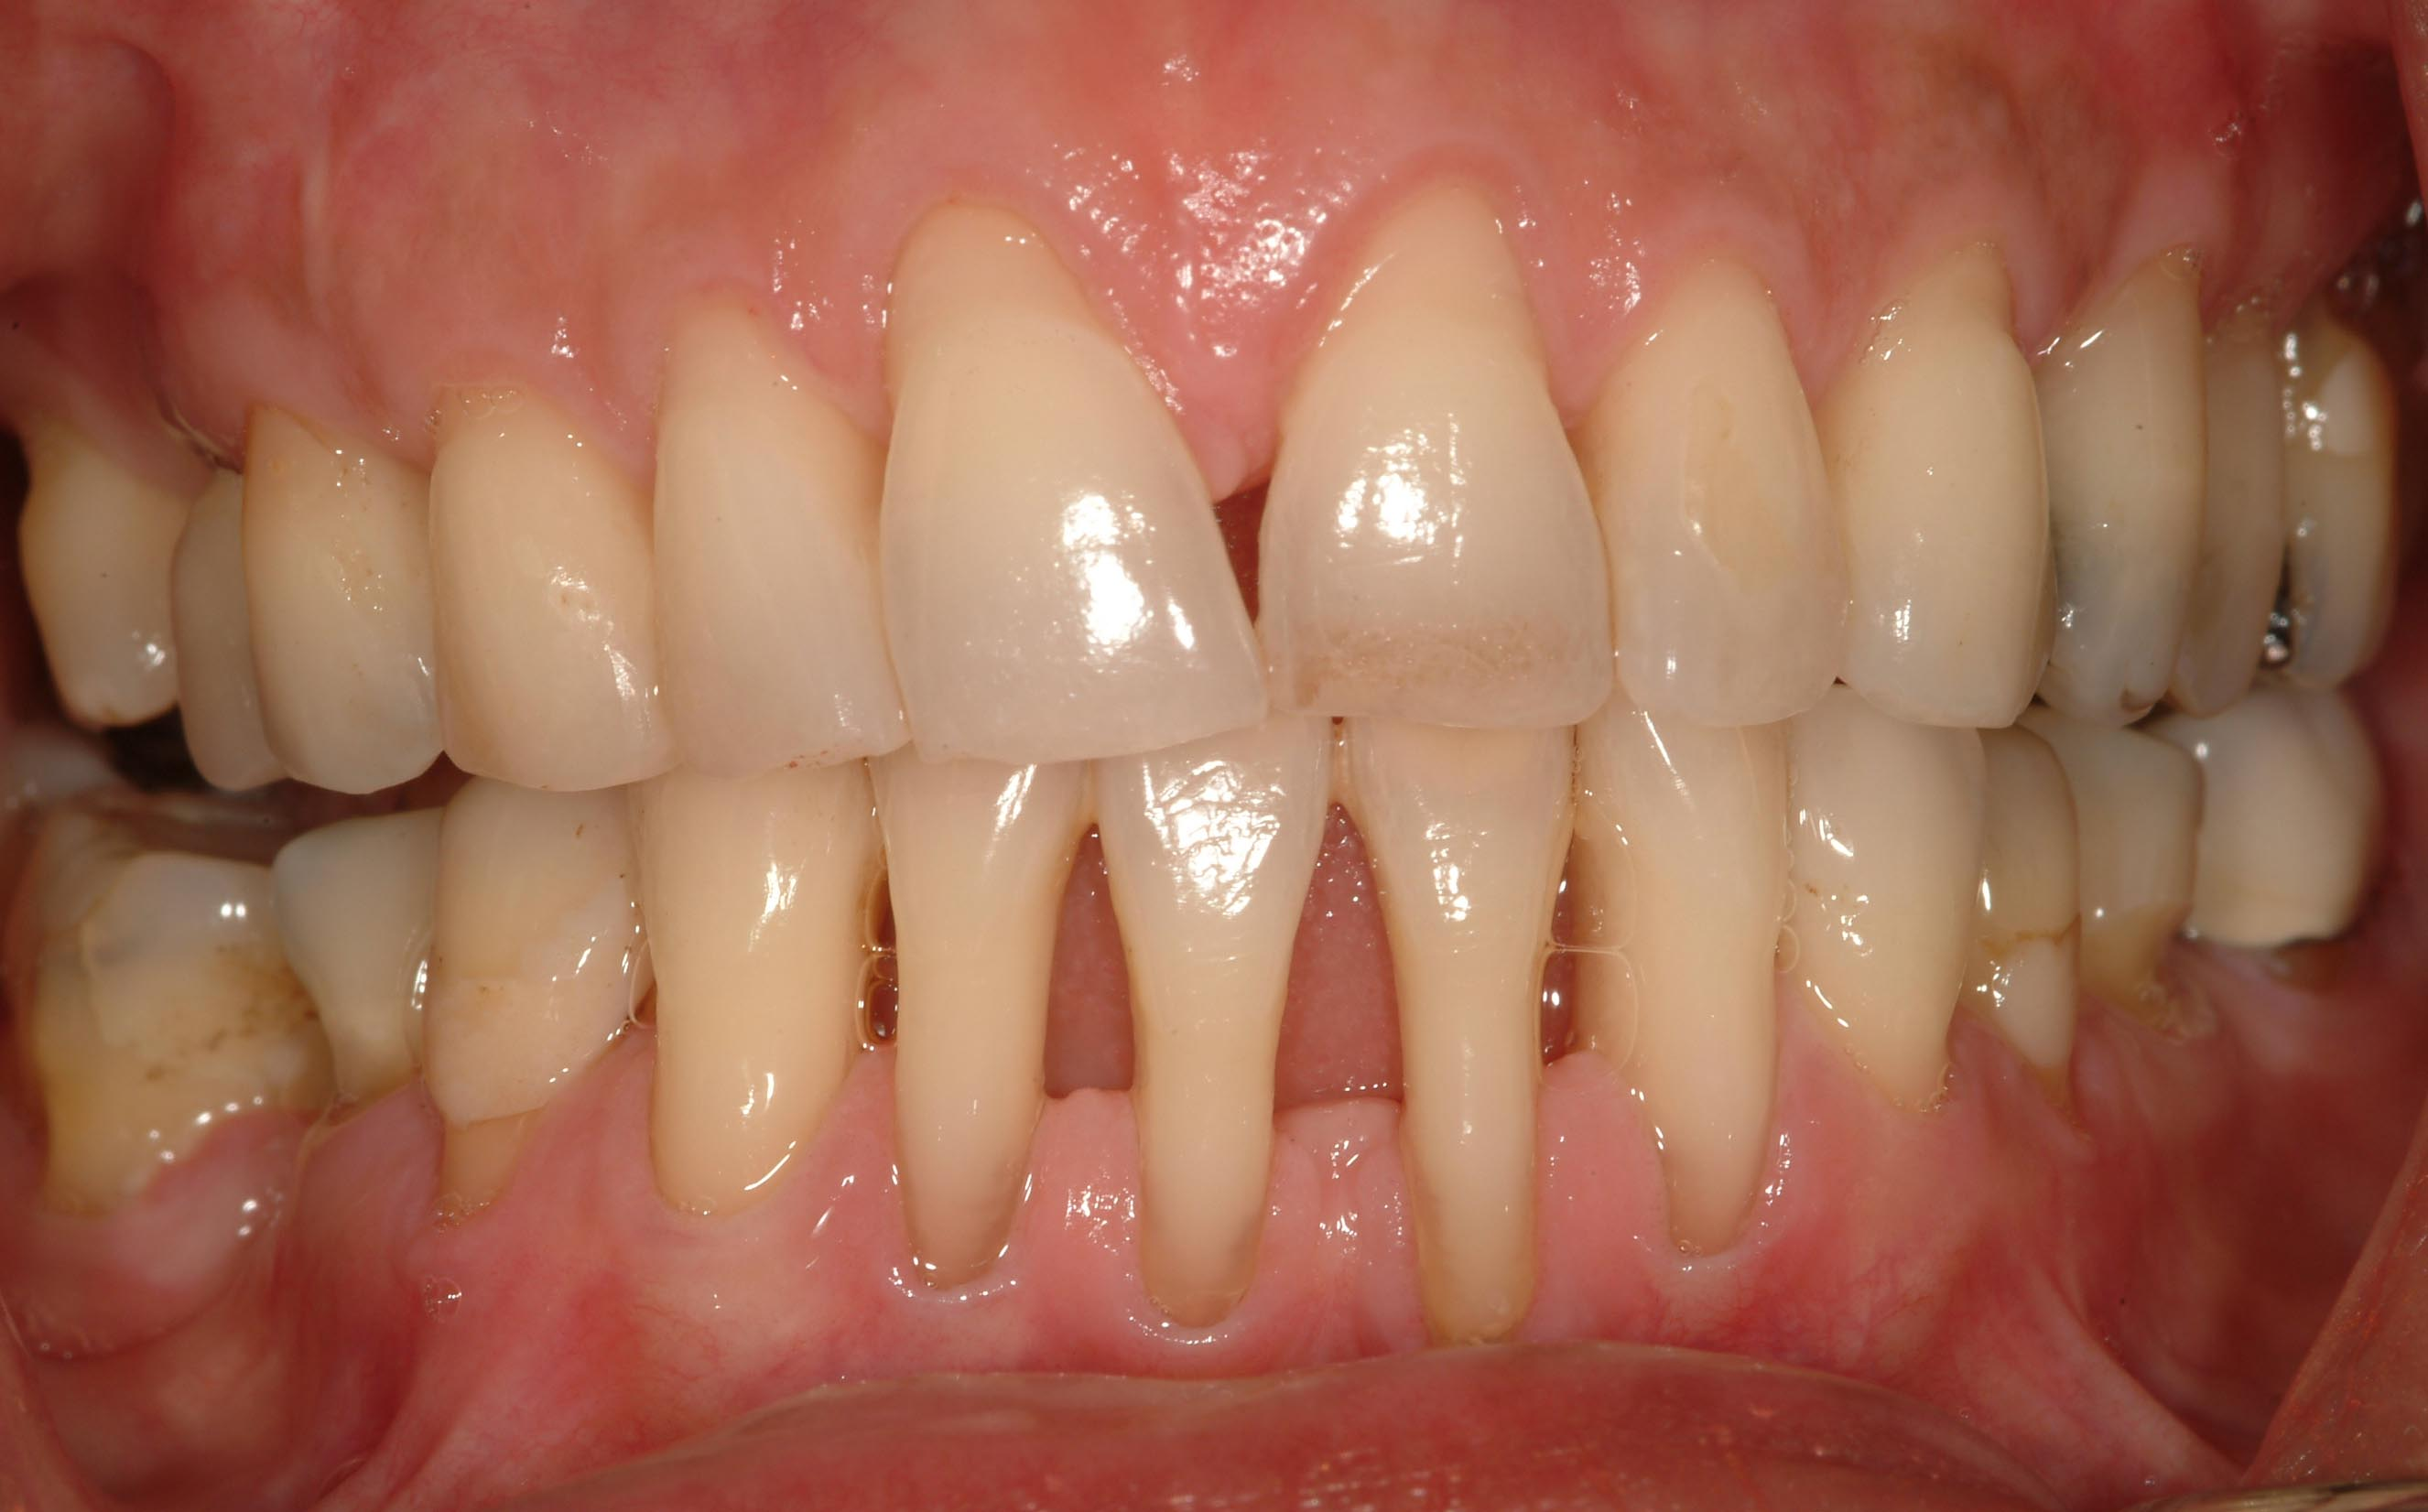 gum recession | Big Red Tooth - Dr Candice Schwartz